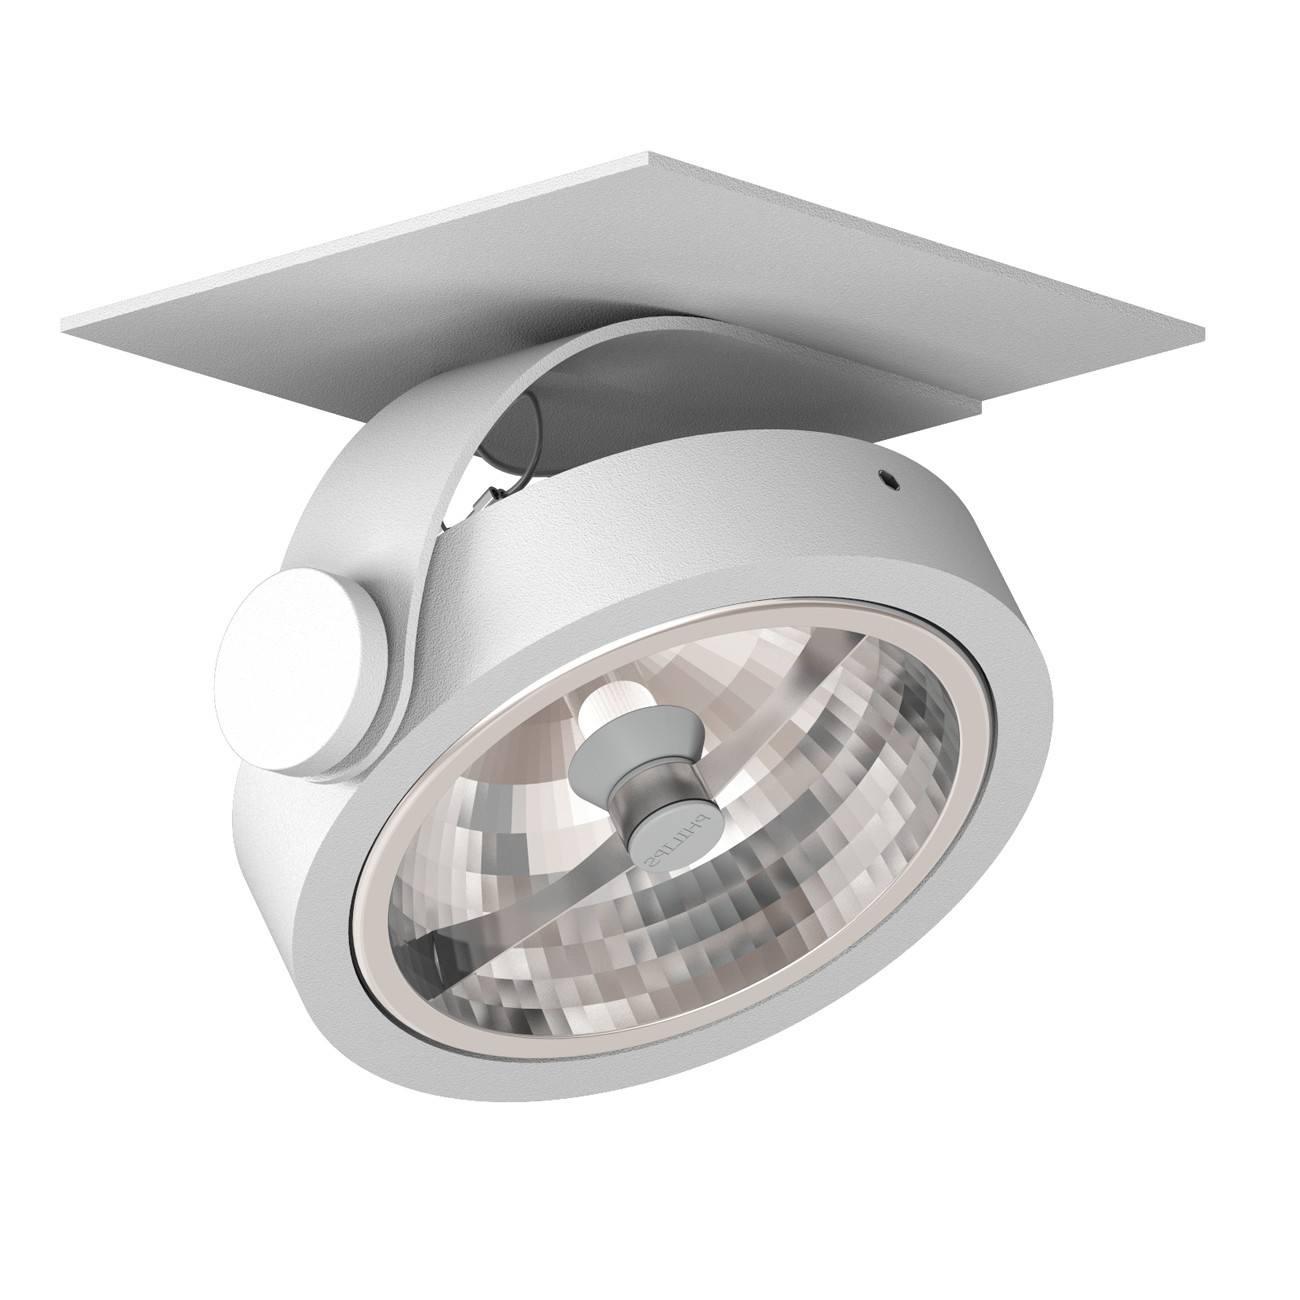 Cleoni Beta T025m1ad101 Oprawa Sufitowa Srebrny Mat